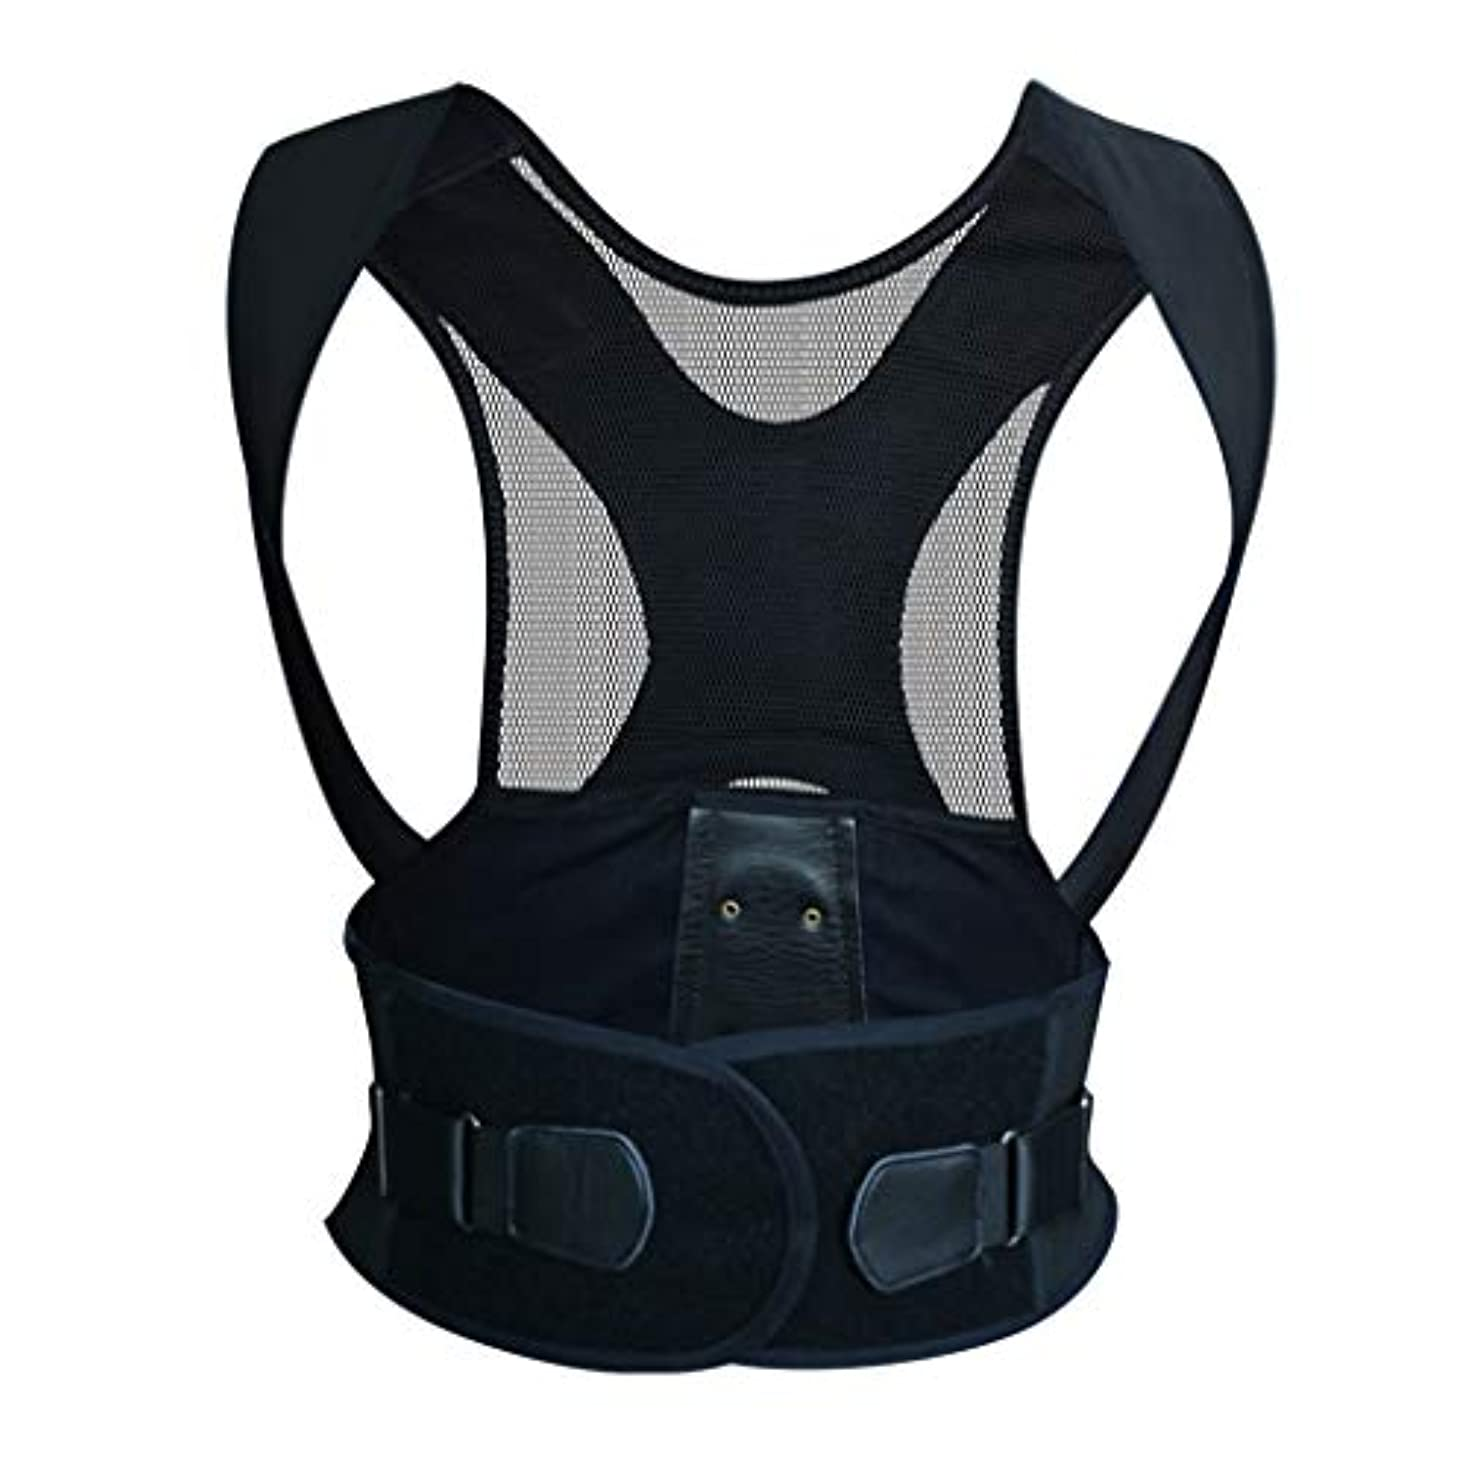 背部サポート姿勢装具 - 子供のための近視姿勢矯正の予防